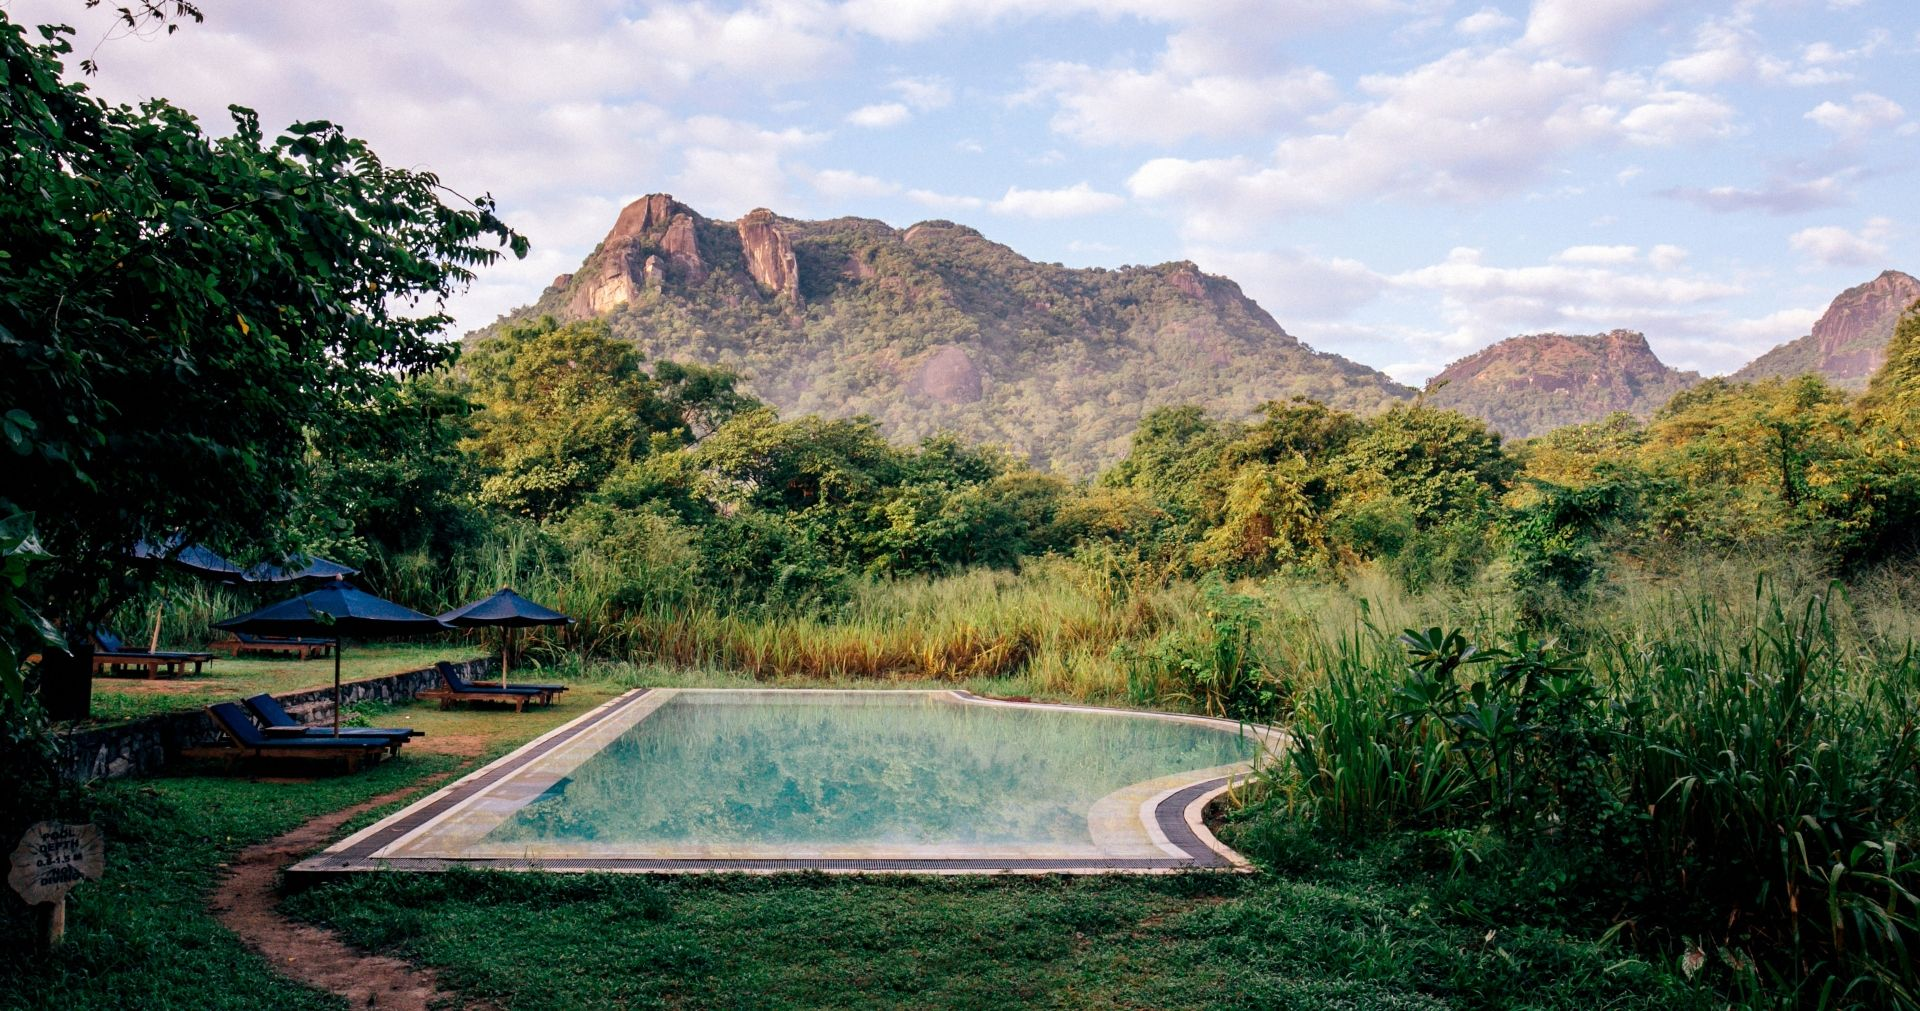 Gal Oya pool (Photo credit: Elise Hassey)